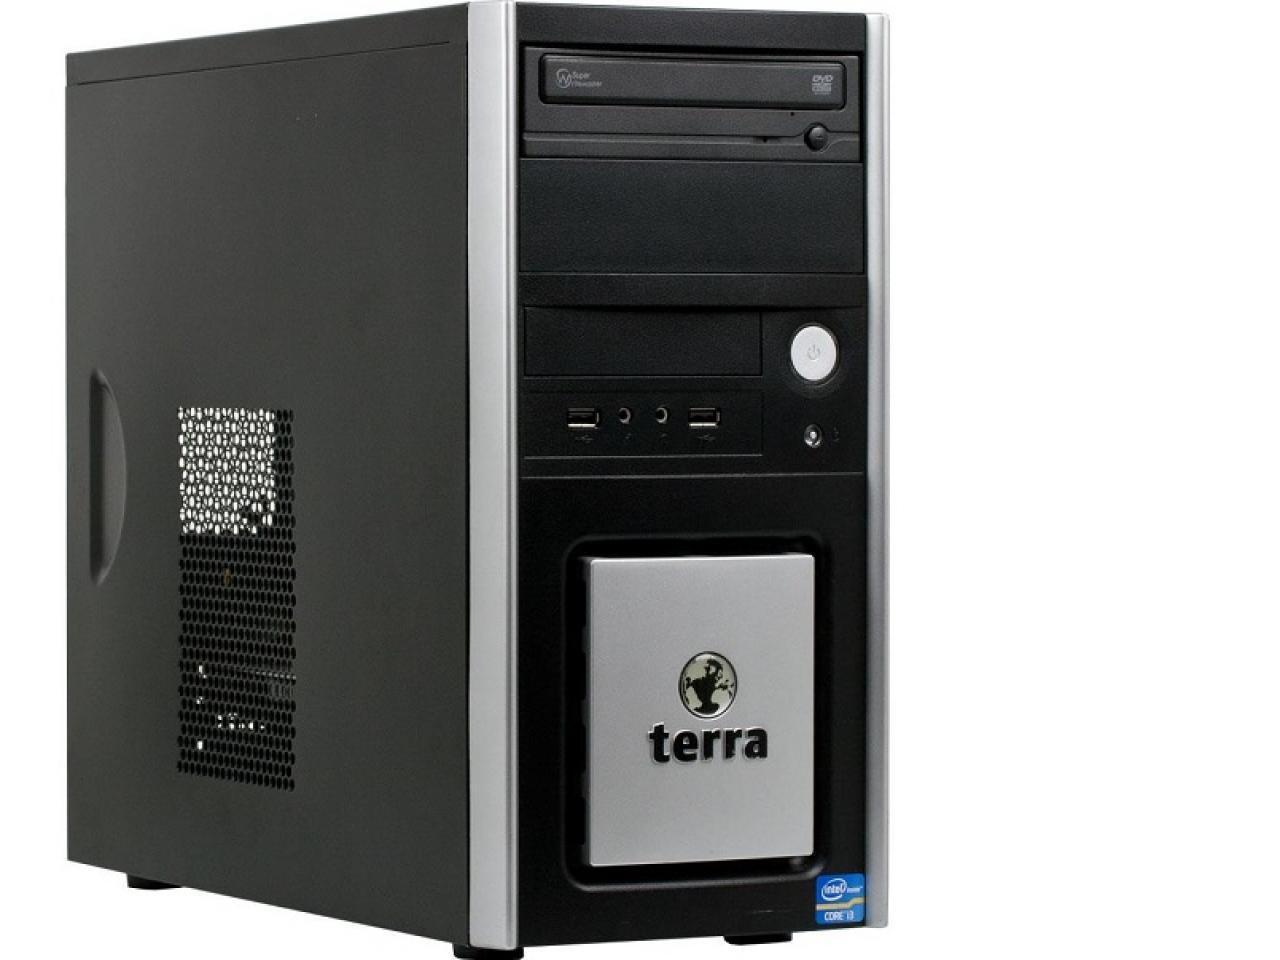 Wortmann Terra PC-Business 5000 MT  - shop.bb-net.de